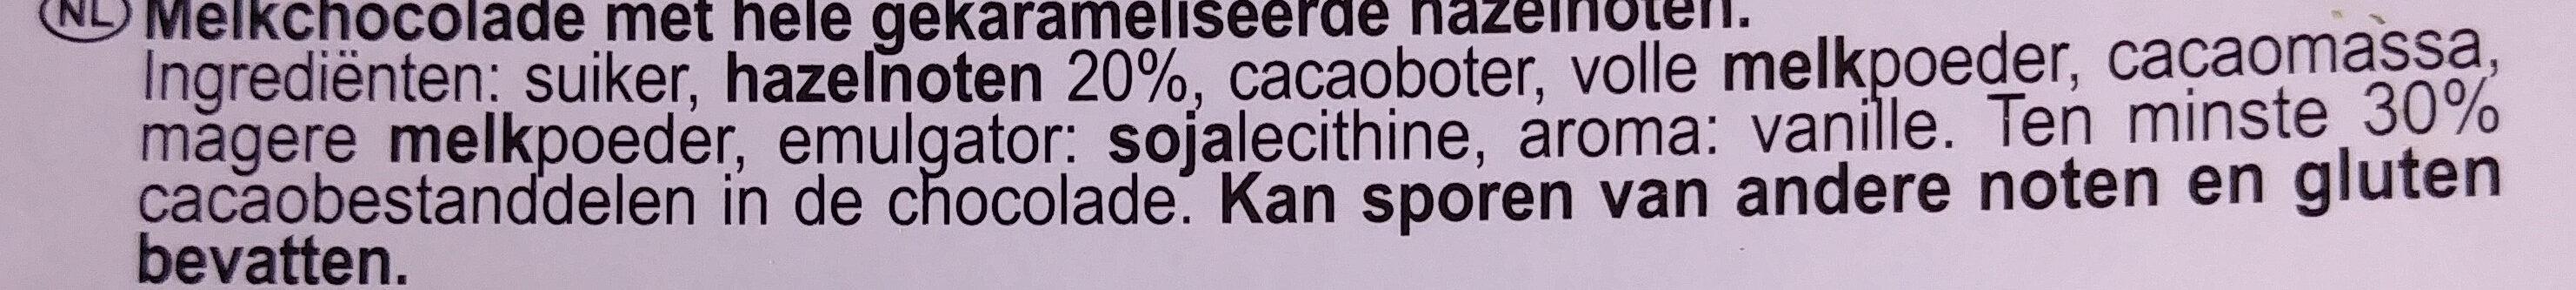 Mleczna czekolada z karmelizowanymi orzechami laskowymi - Ingrediënten